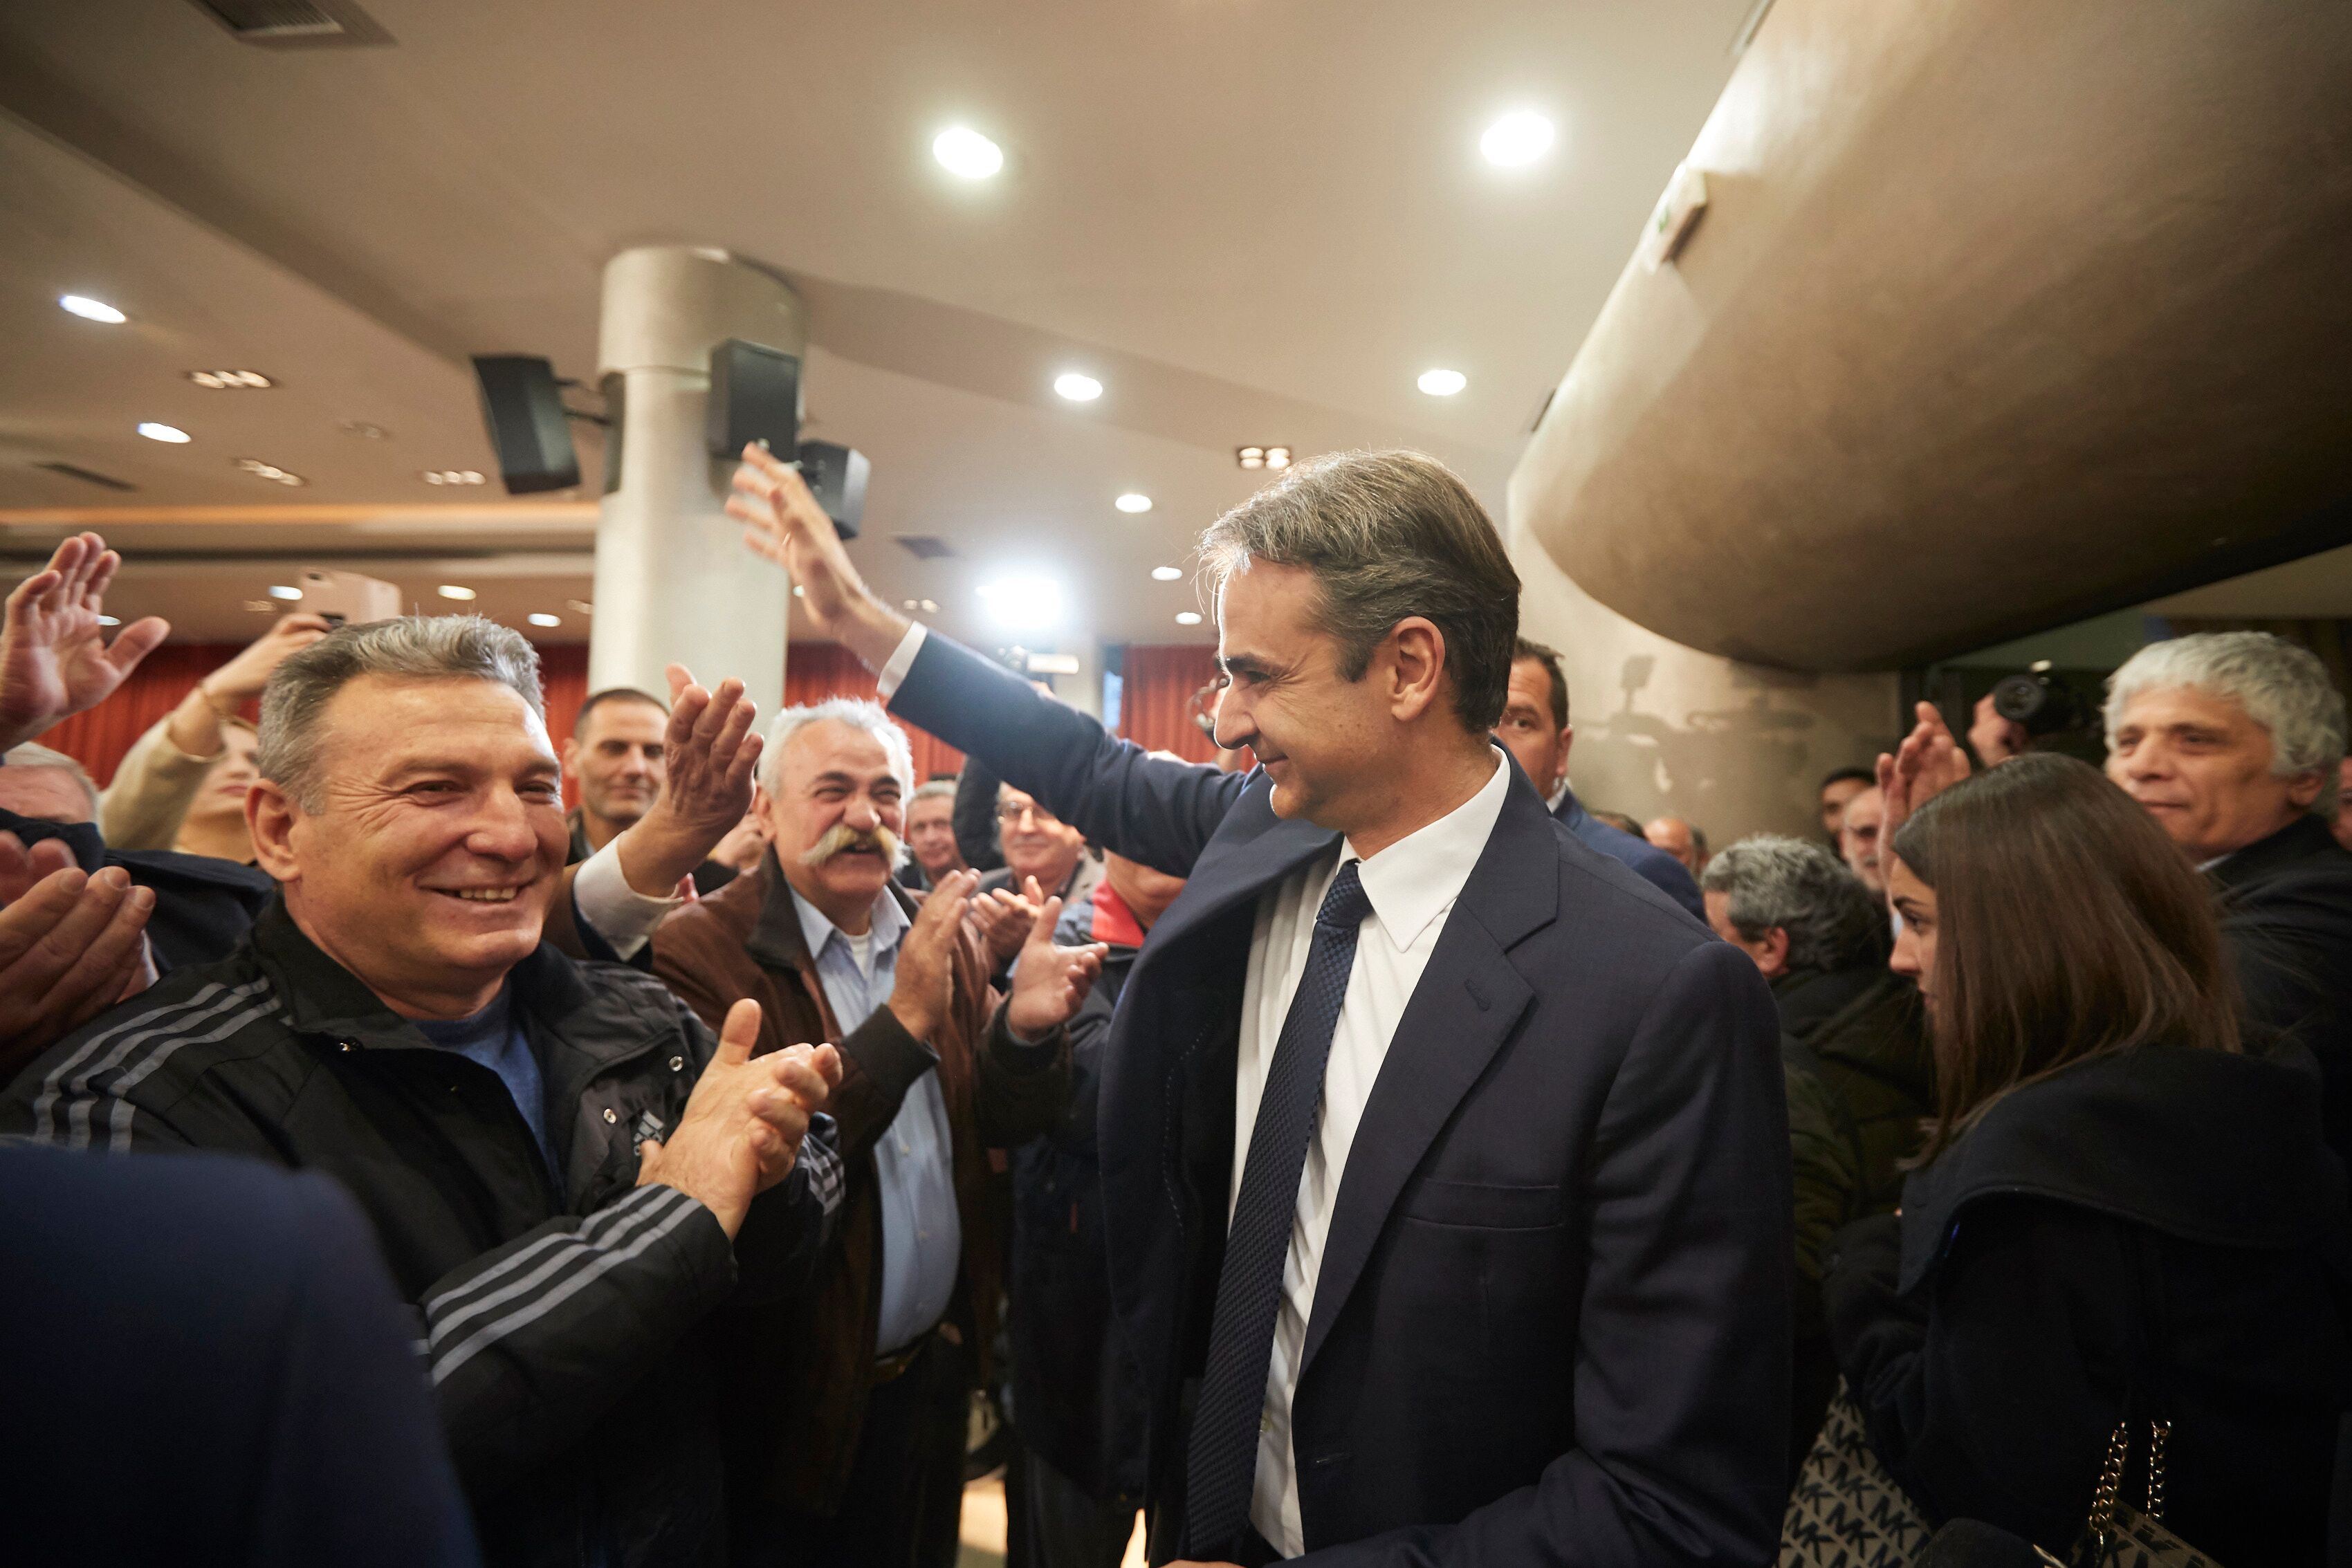 Κ. Μητσοτάκης: «Όχι» χαλαρή ψήφος στις ευρωεκλογές